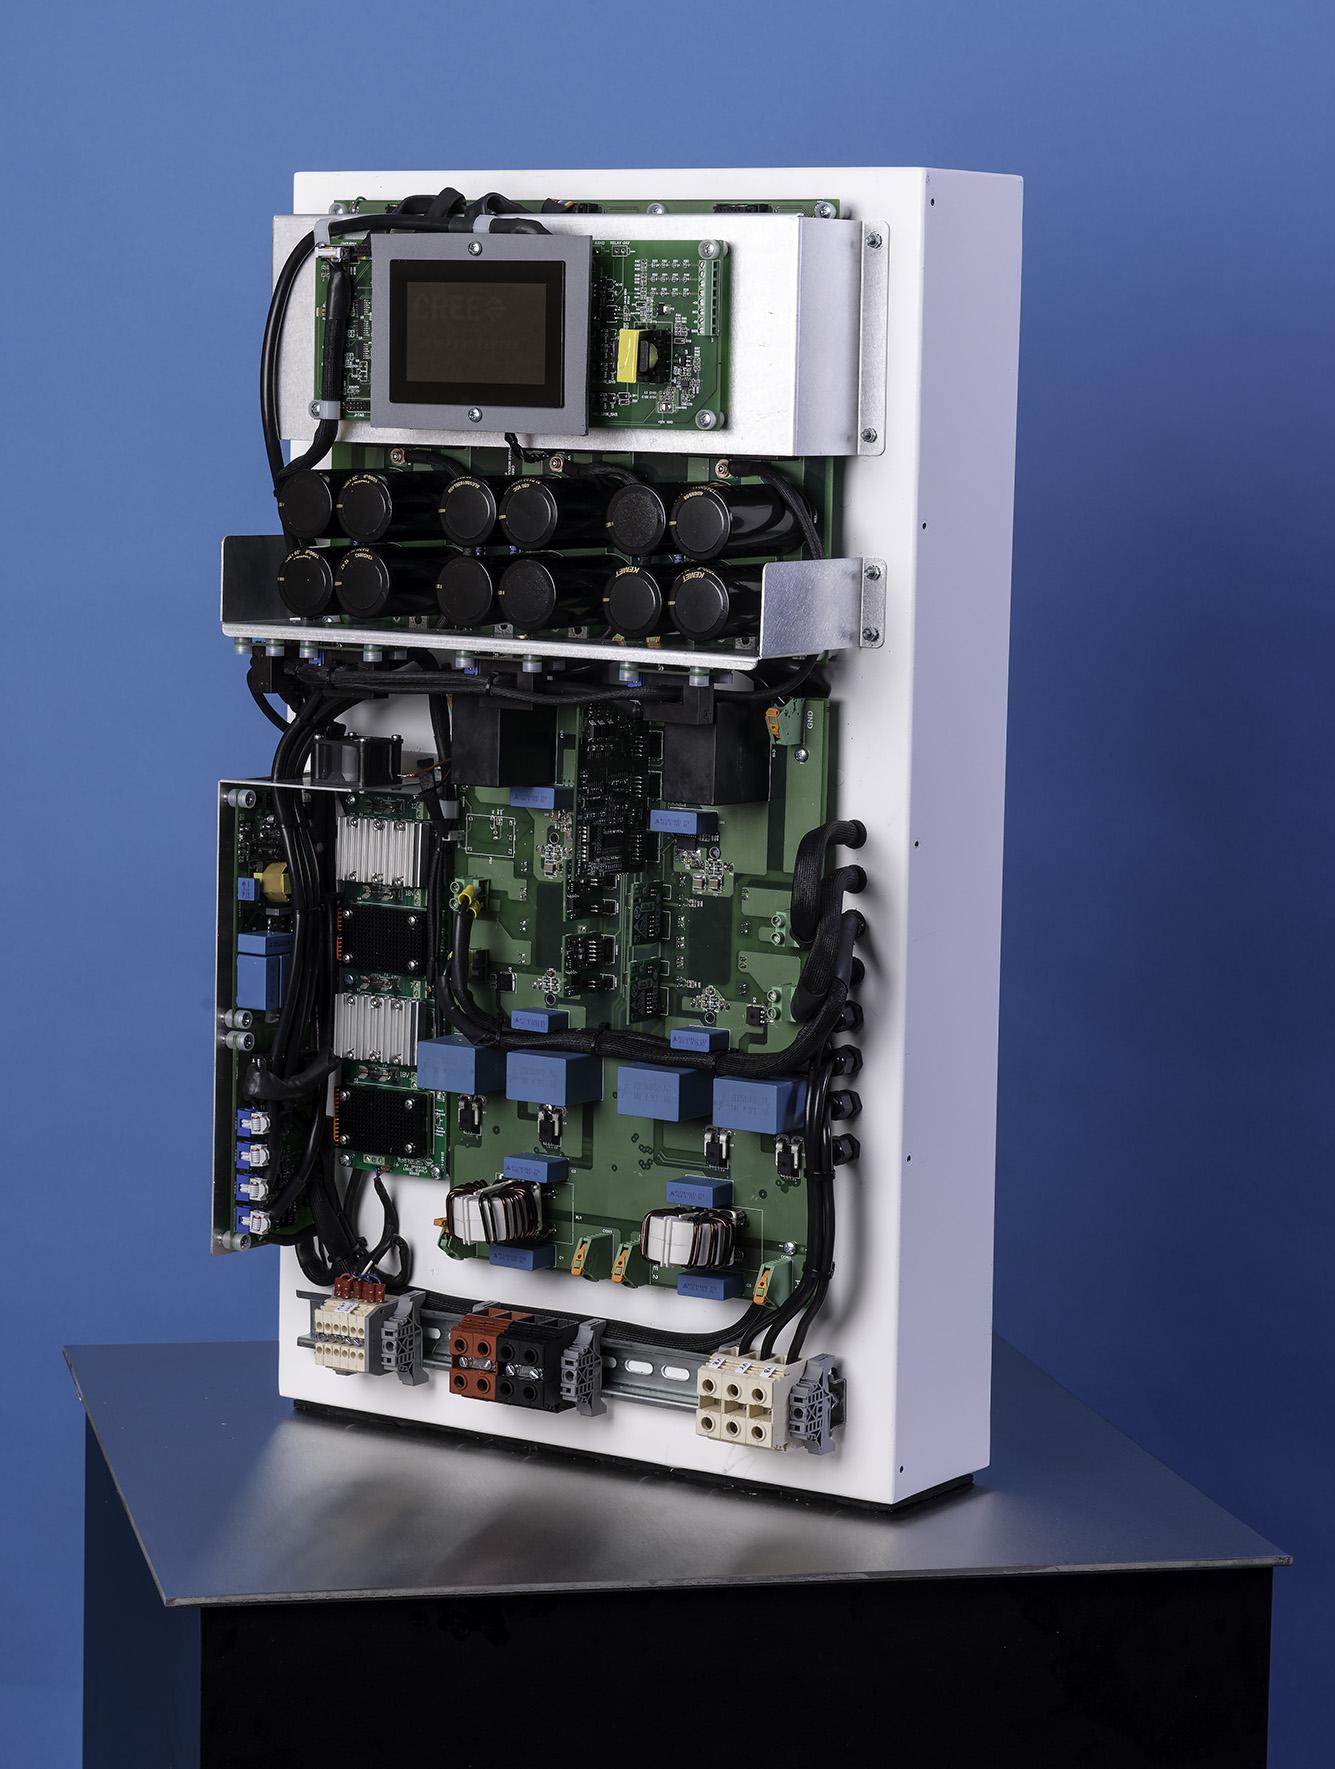 PCIM SiC makes 991 efficient solar inverter